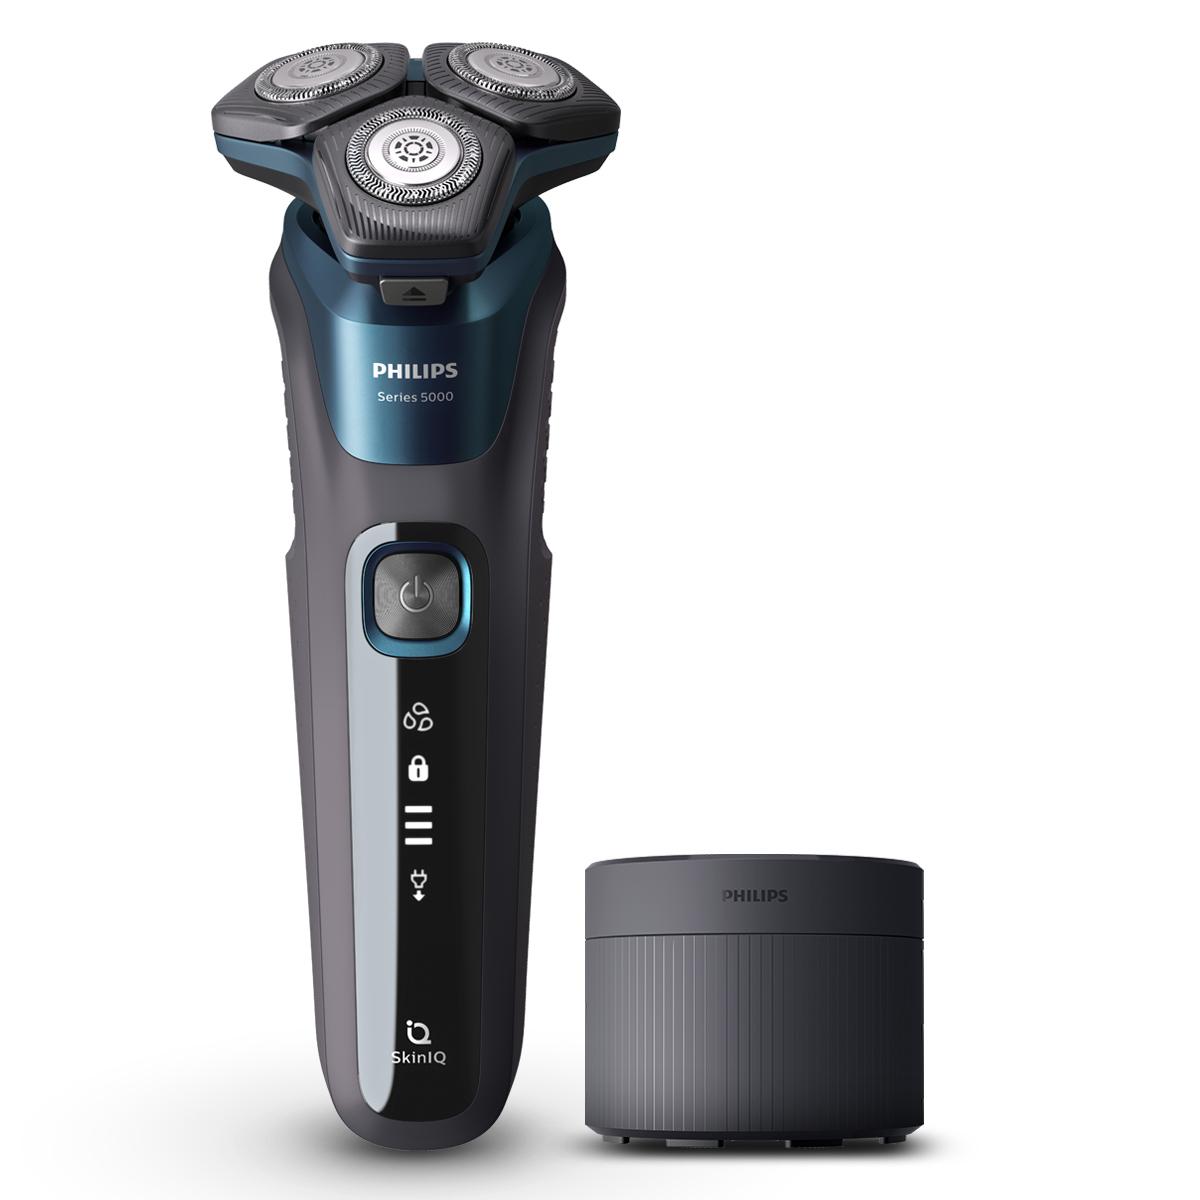 필립스 전기면도기 SkinIQ 5000, S5579/60, 일렉트릭 블루